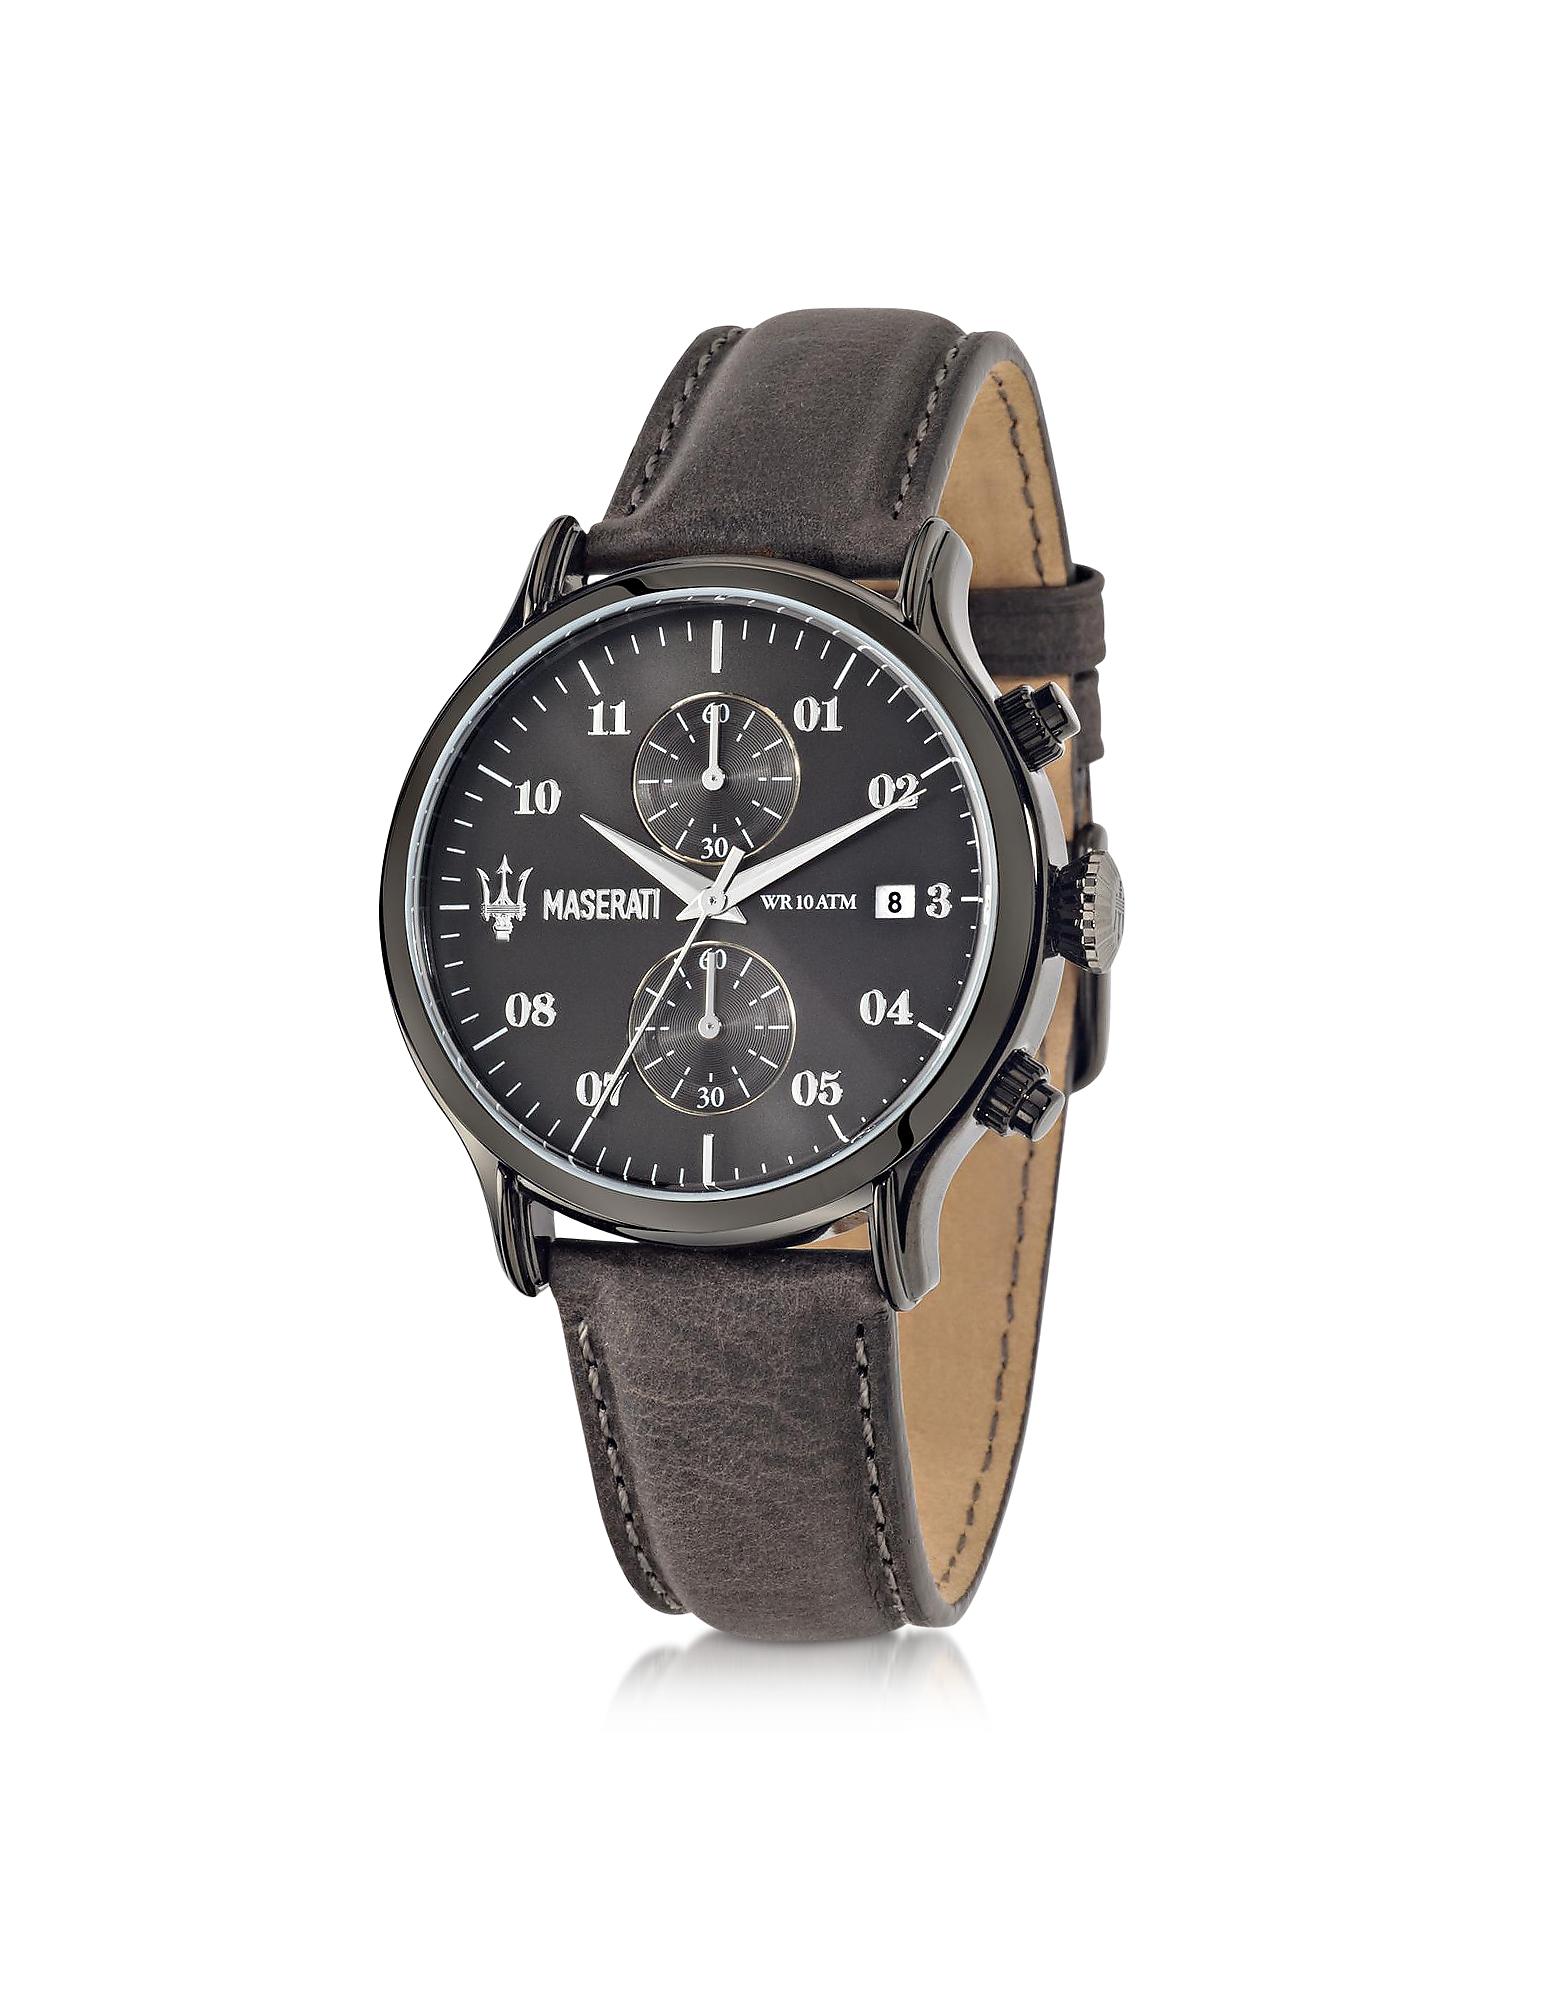 Epoca - Мужские Часы Хронограф с Темным Циферблатом и Кожаным Ремешком